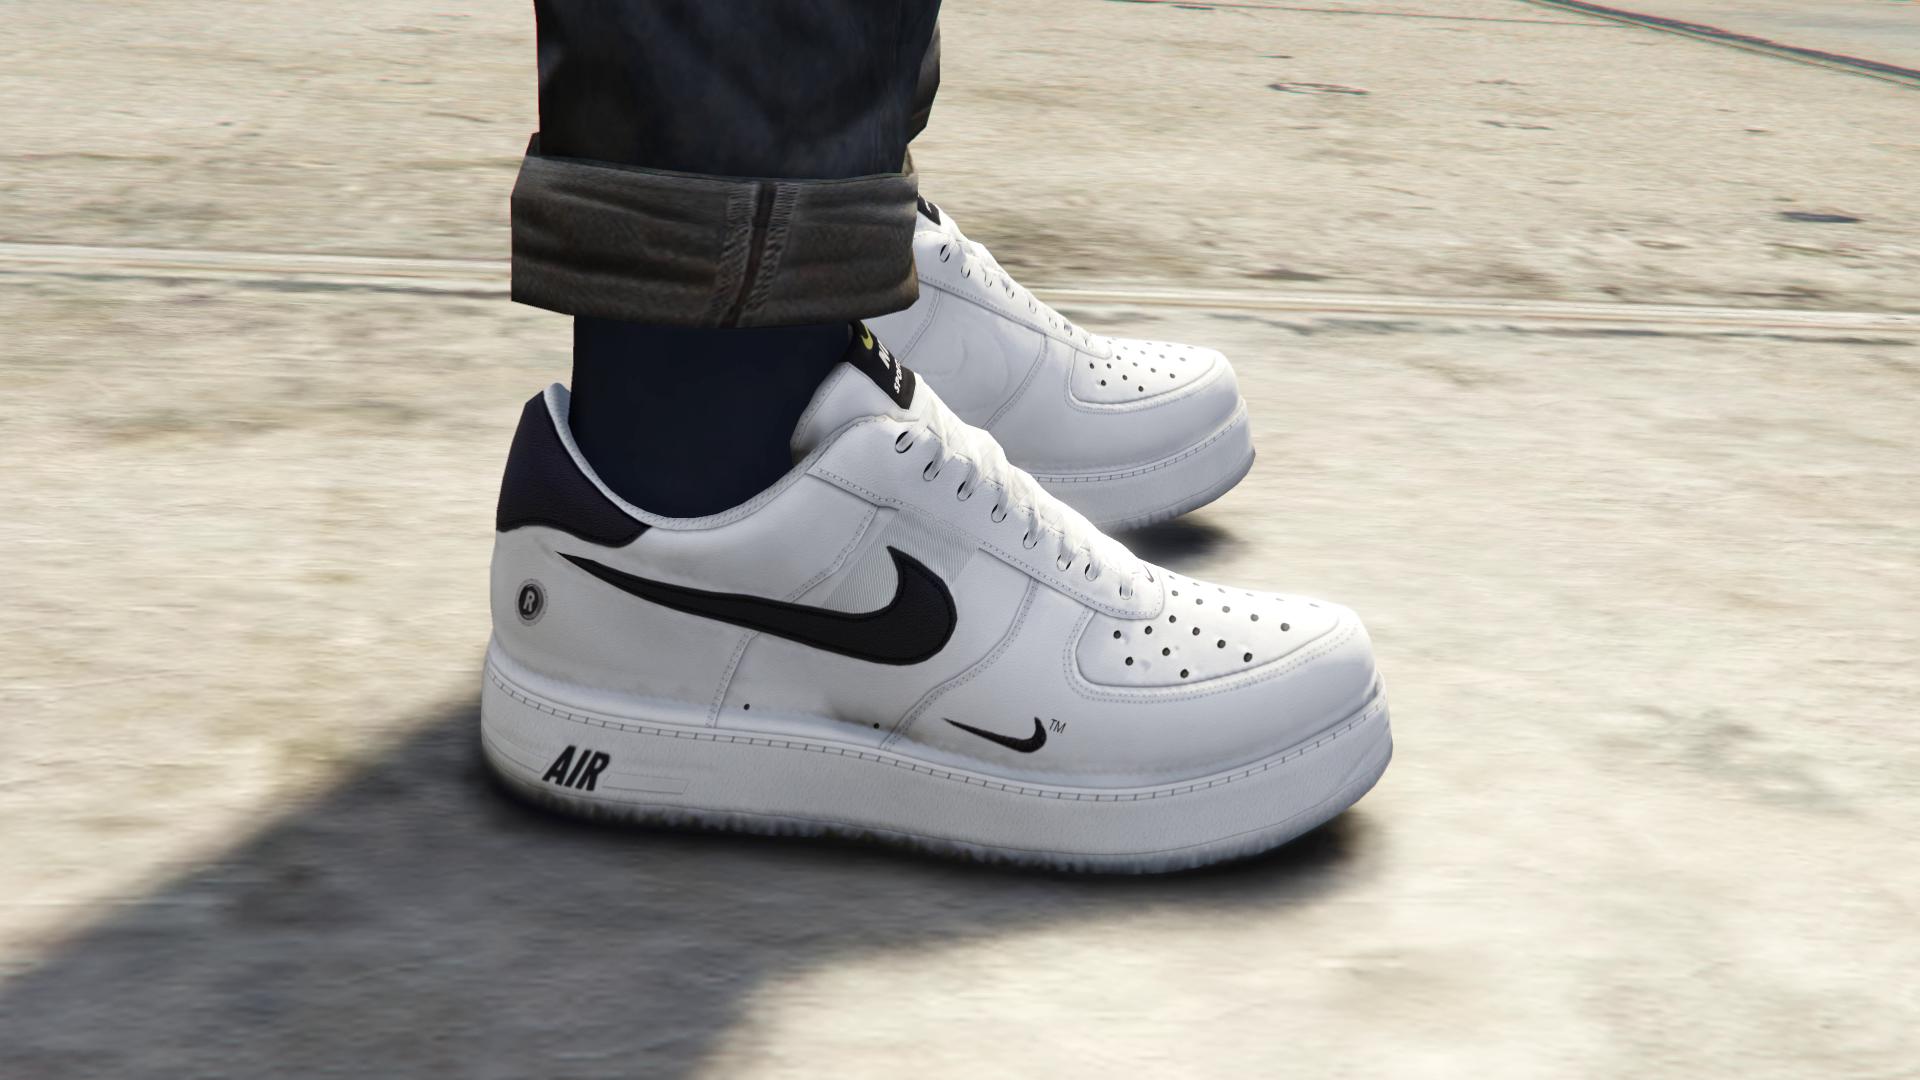 Nike Air Force 1 07 Lv8 Utility Gta5 Mods Com